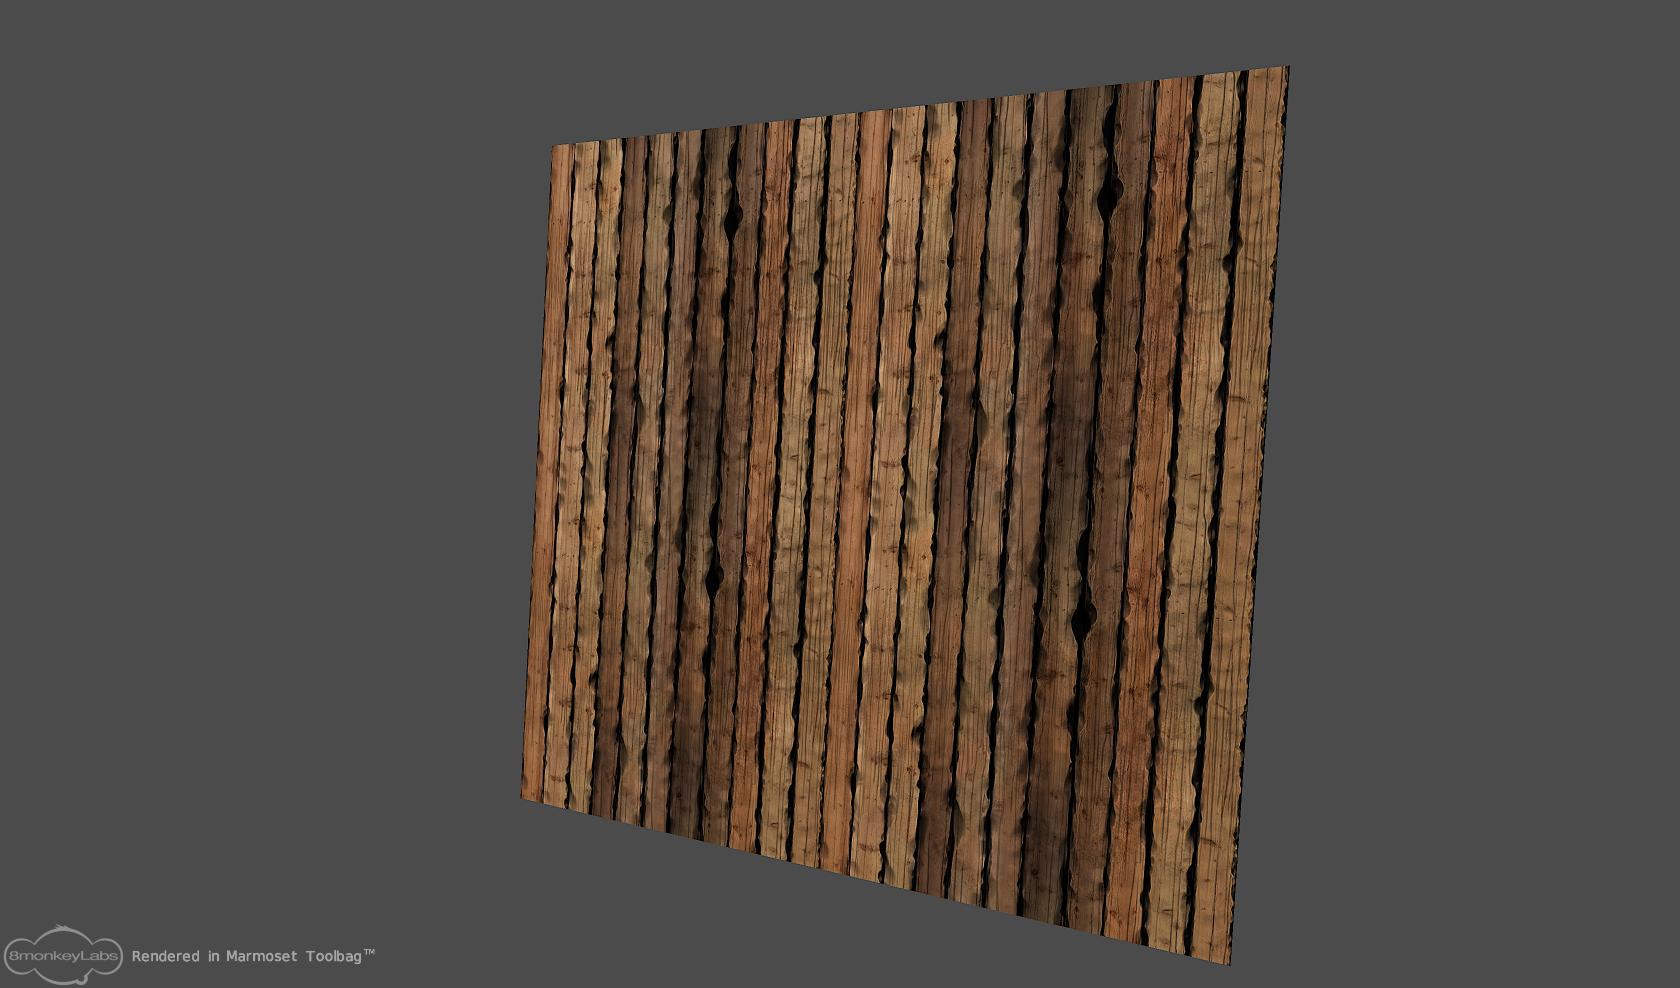 20120803_wood_wall_01_2x2.jpg